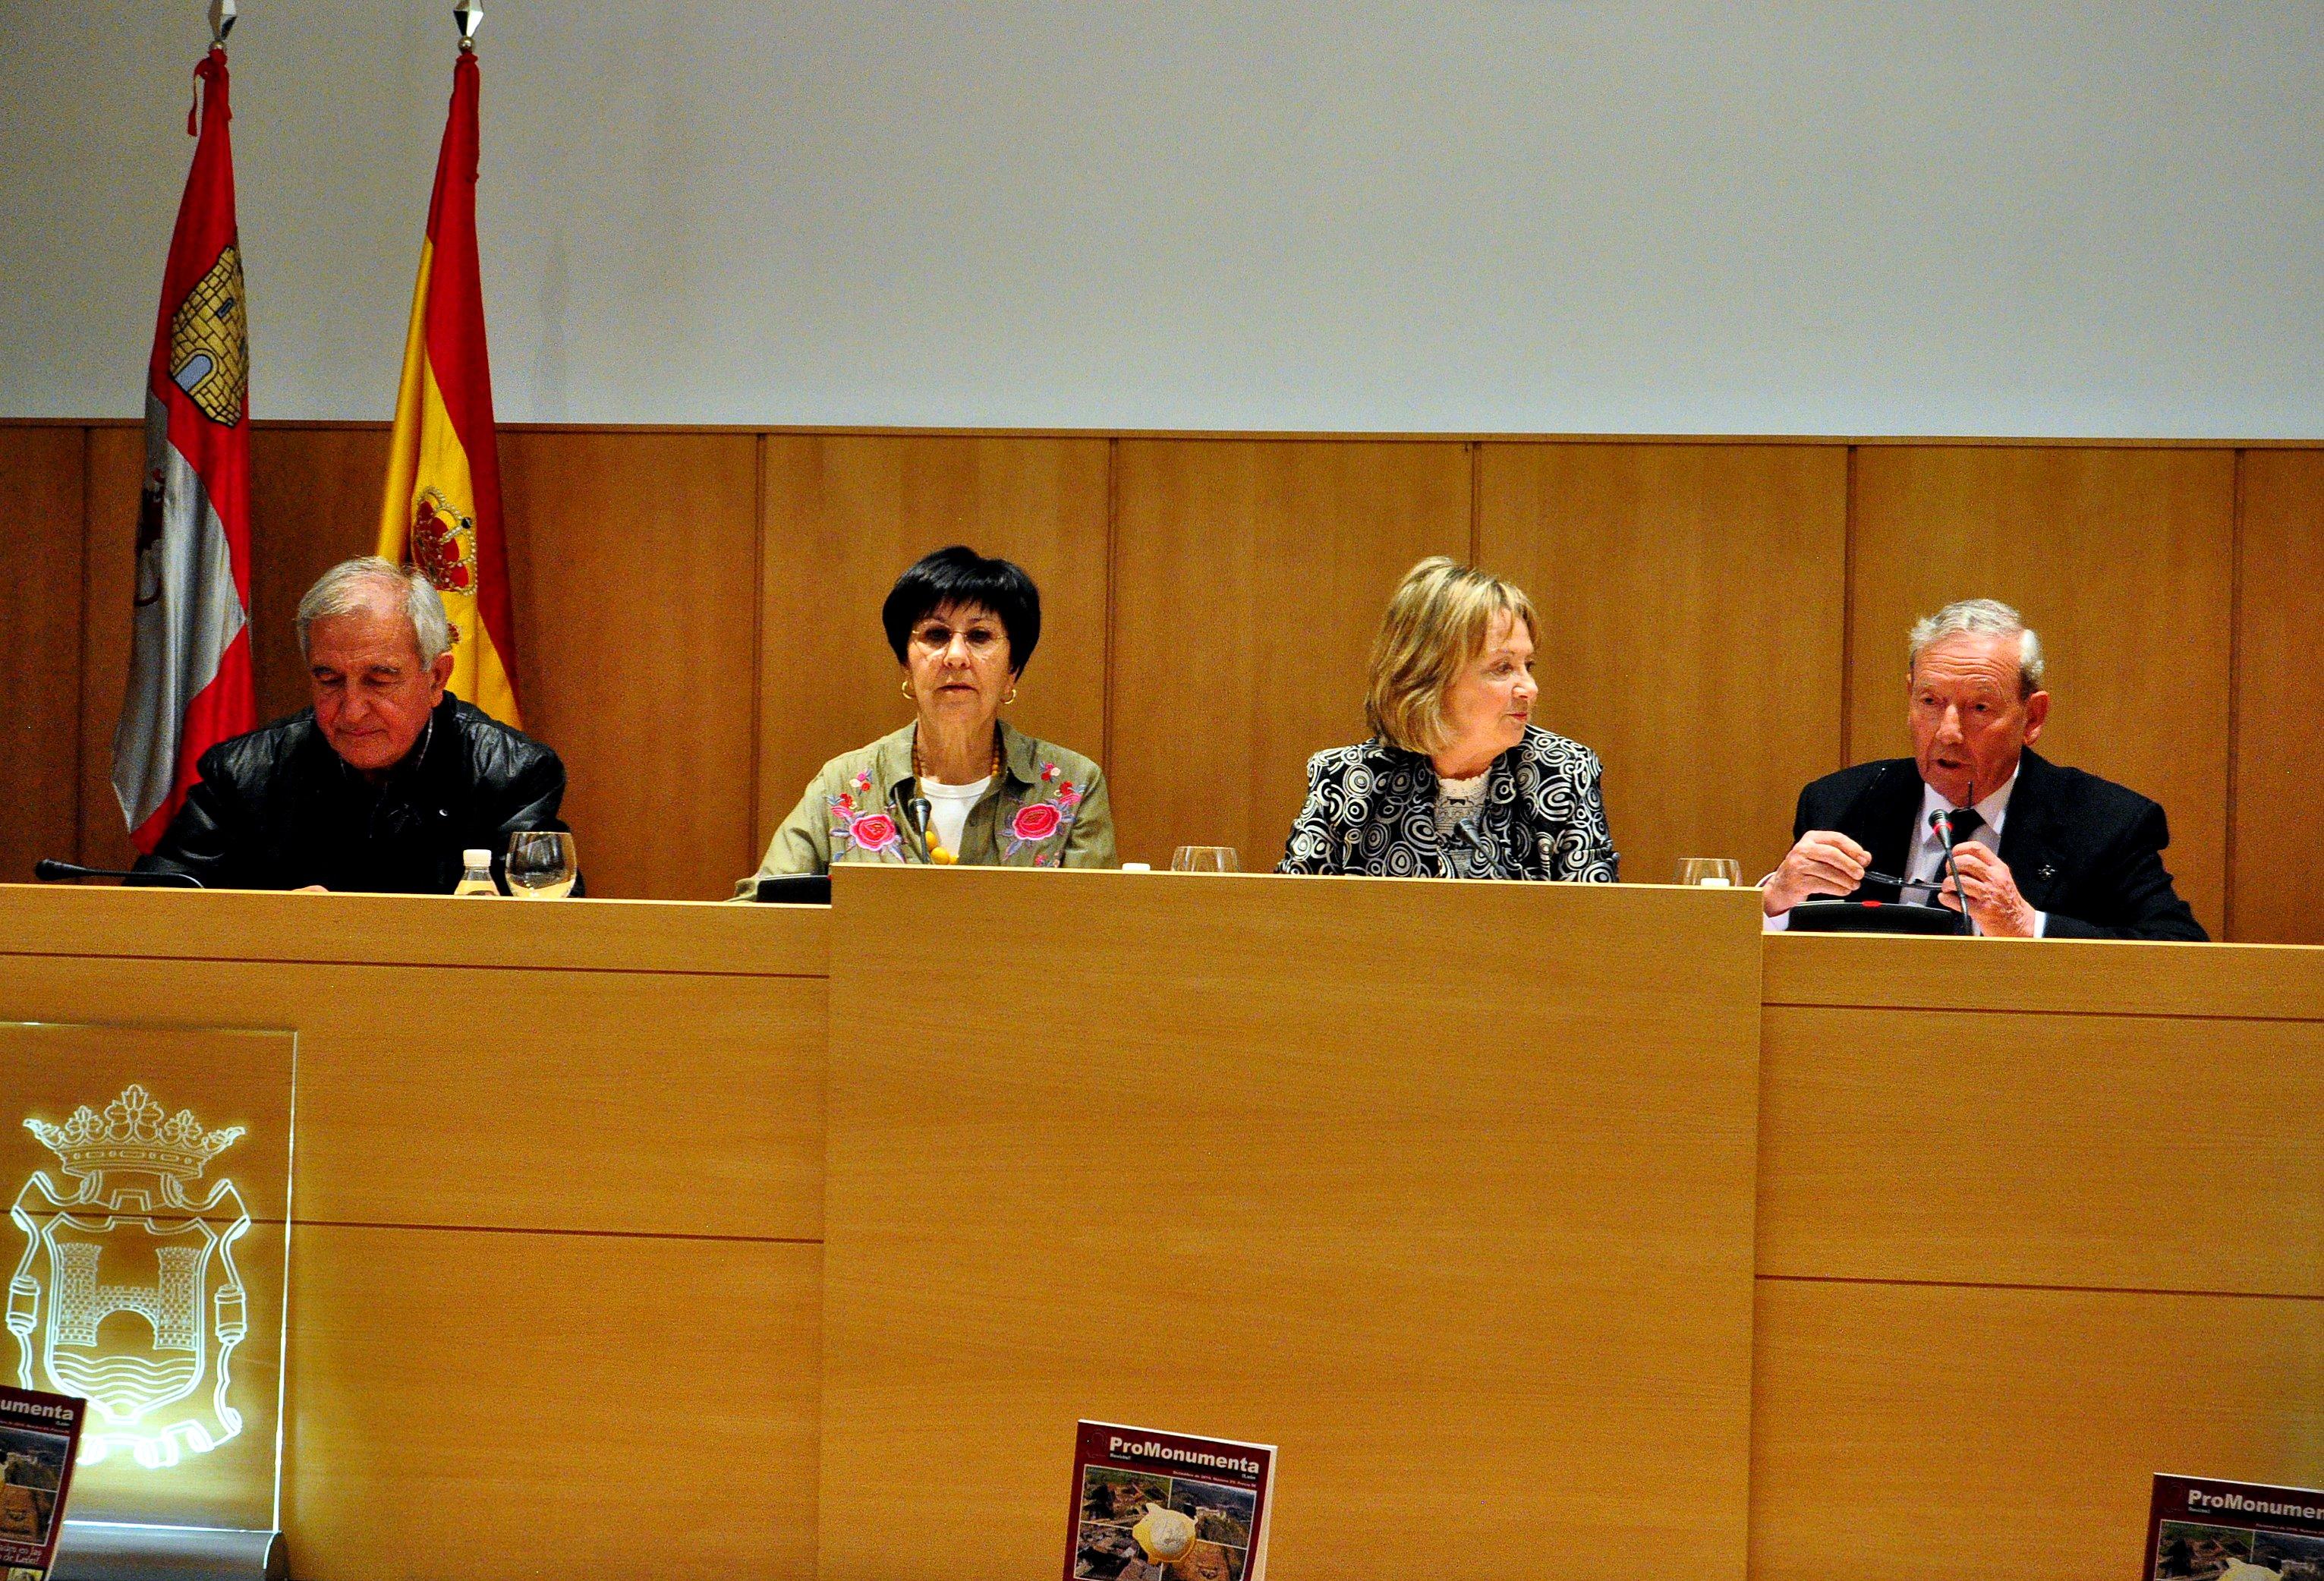 Los intervinientes en la presentación: Víctor Ferrero, Mar Palacio, Concepción Crespo y   Marcelino Fernández.